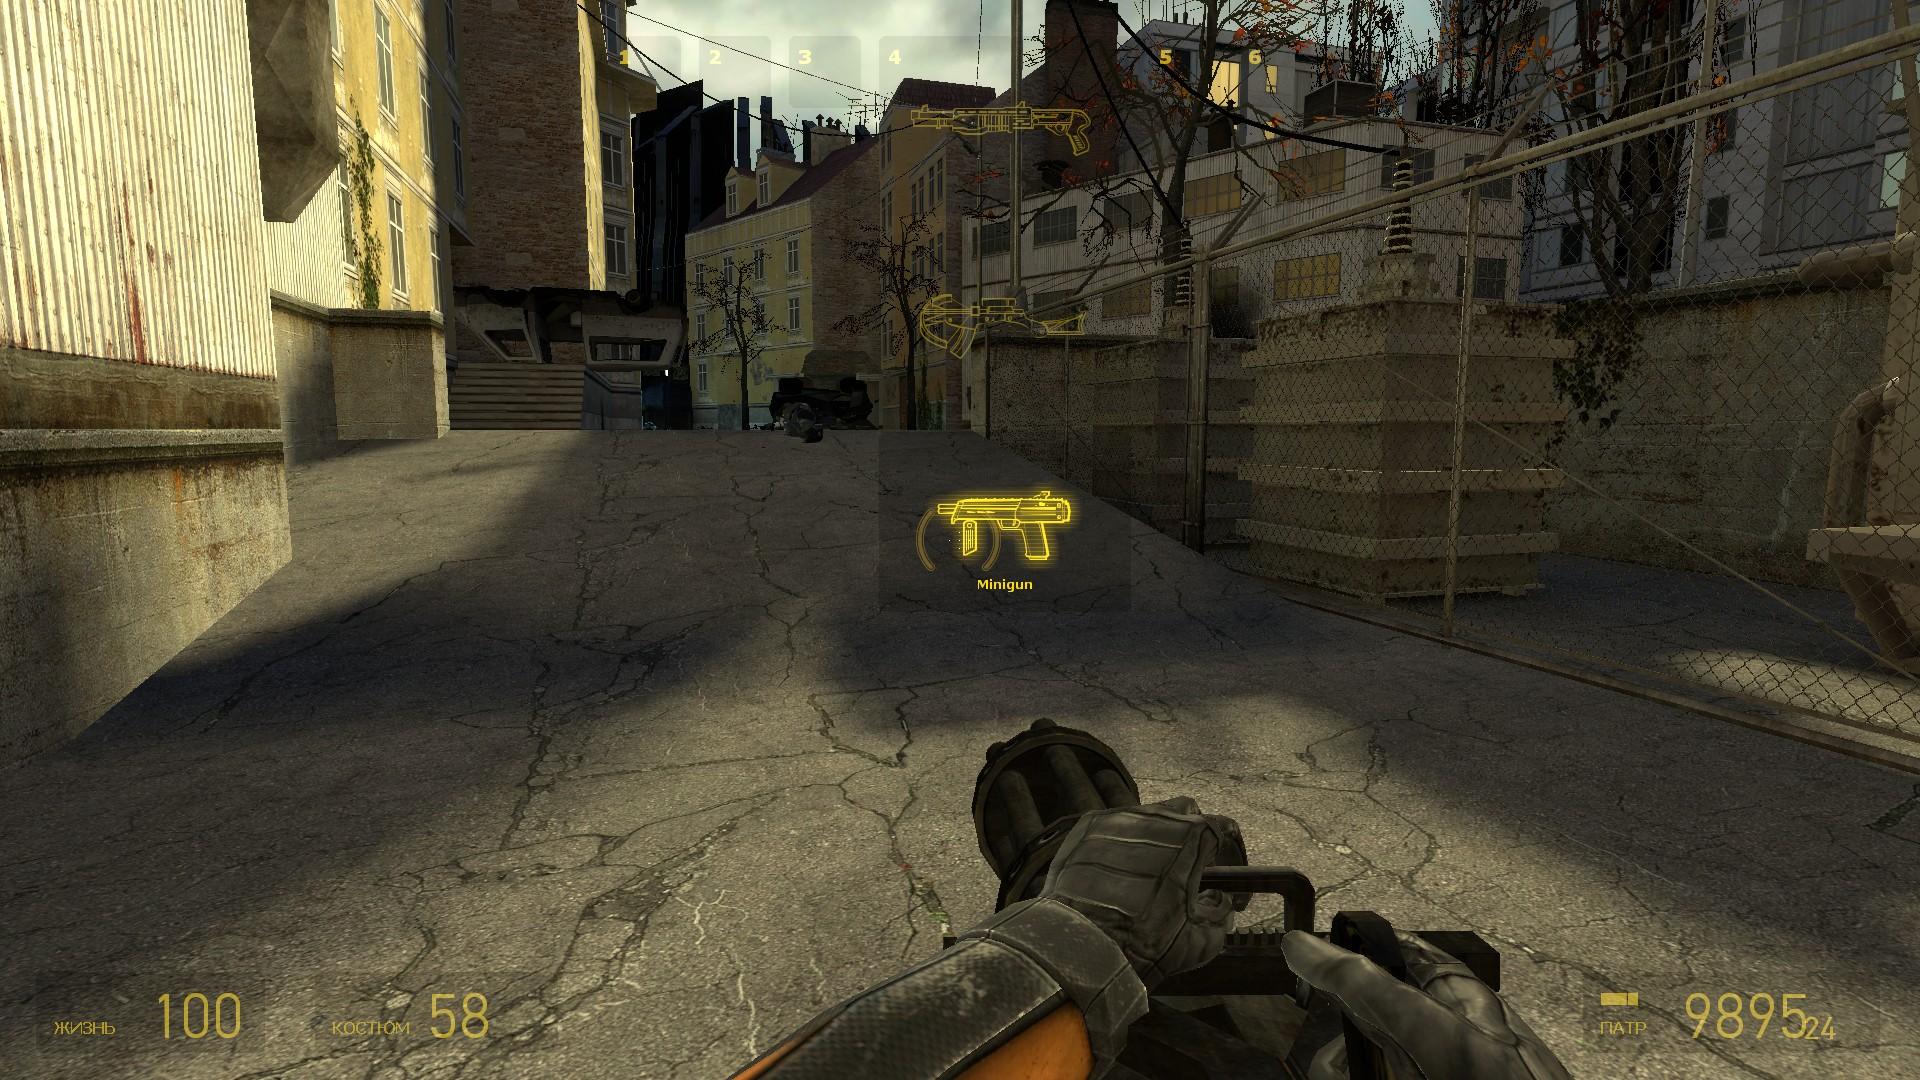 minigun1 - Half-Life 2